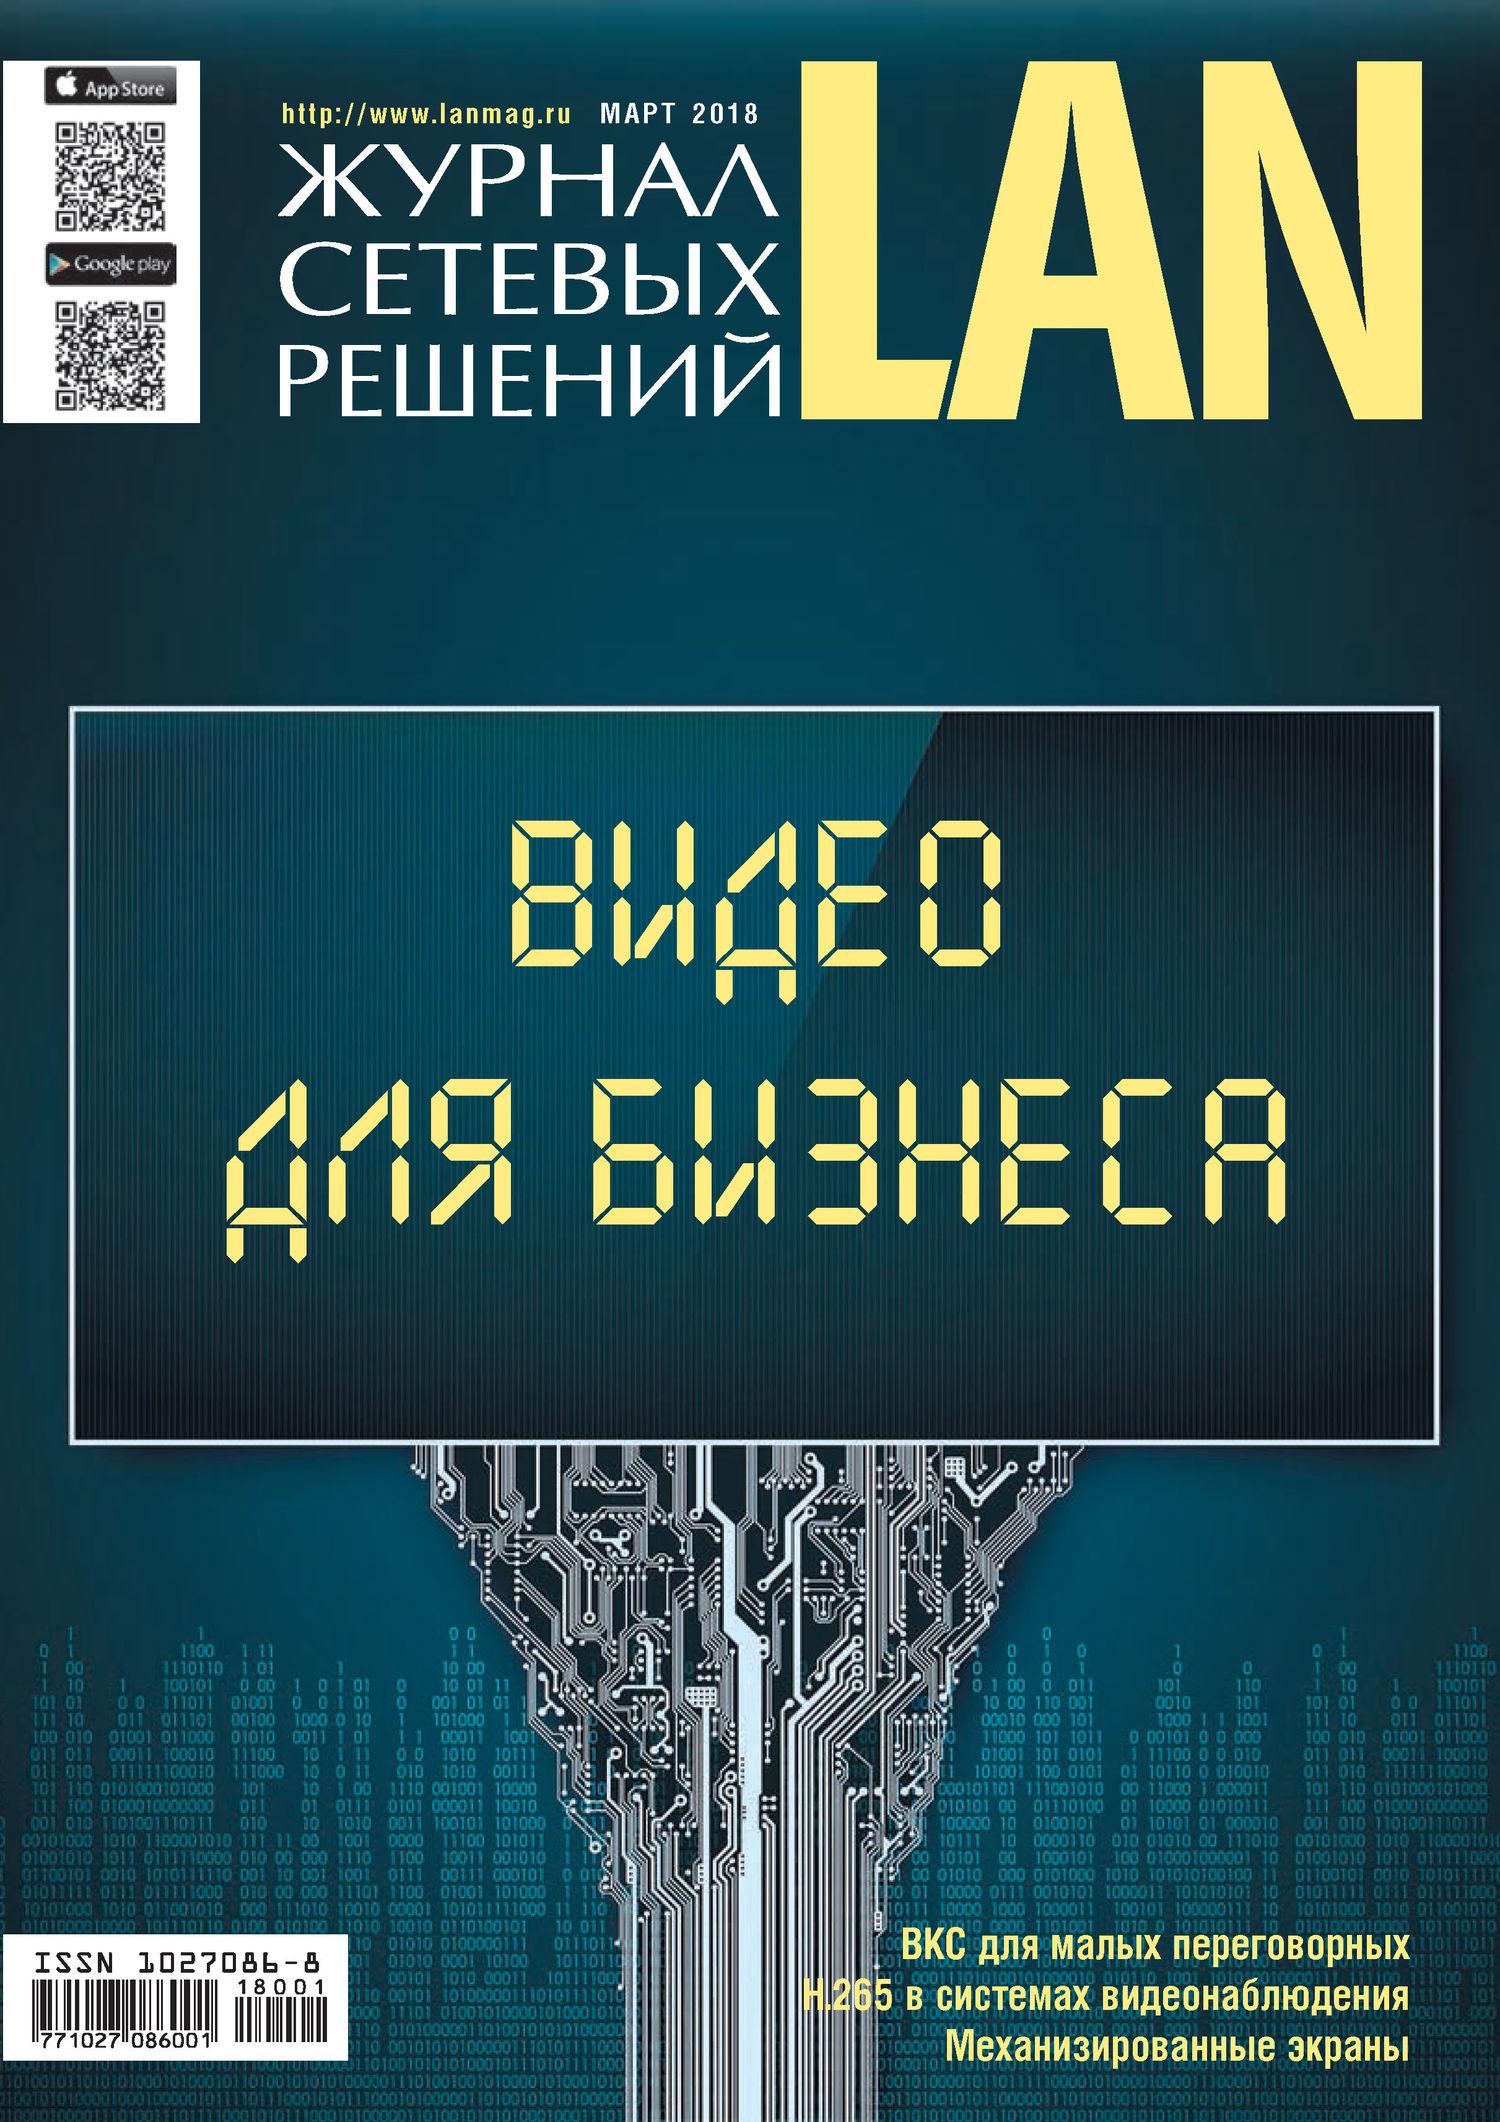 Открытые системы. Журнал сетевых решений / LAN №01/2018